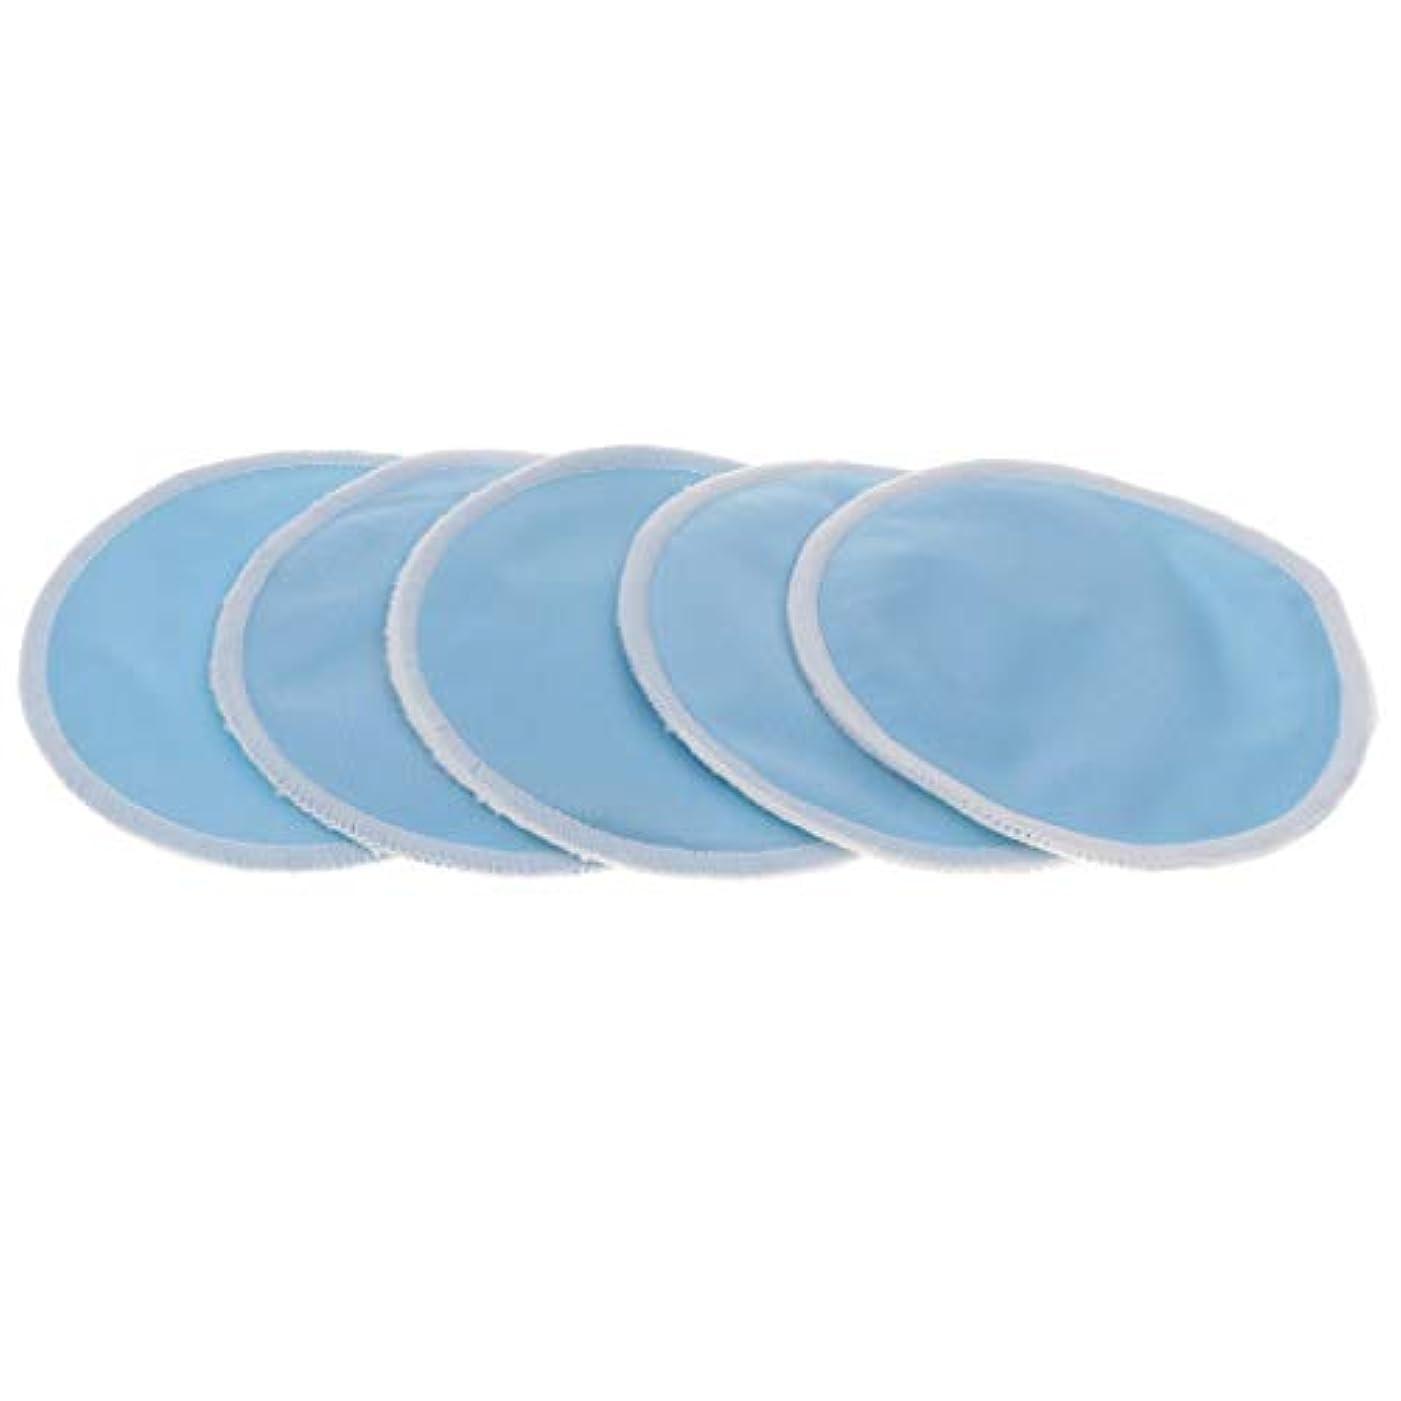 蒸留する海外クリークdailymall 5パック洗える再利用可能な化粧品クレンジングパッドフェイスケア洗浄胸パッド - 青